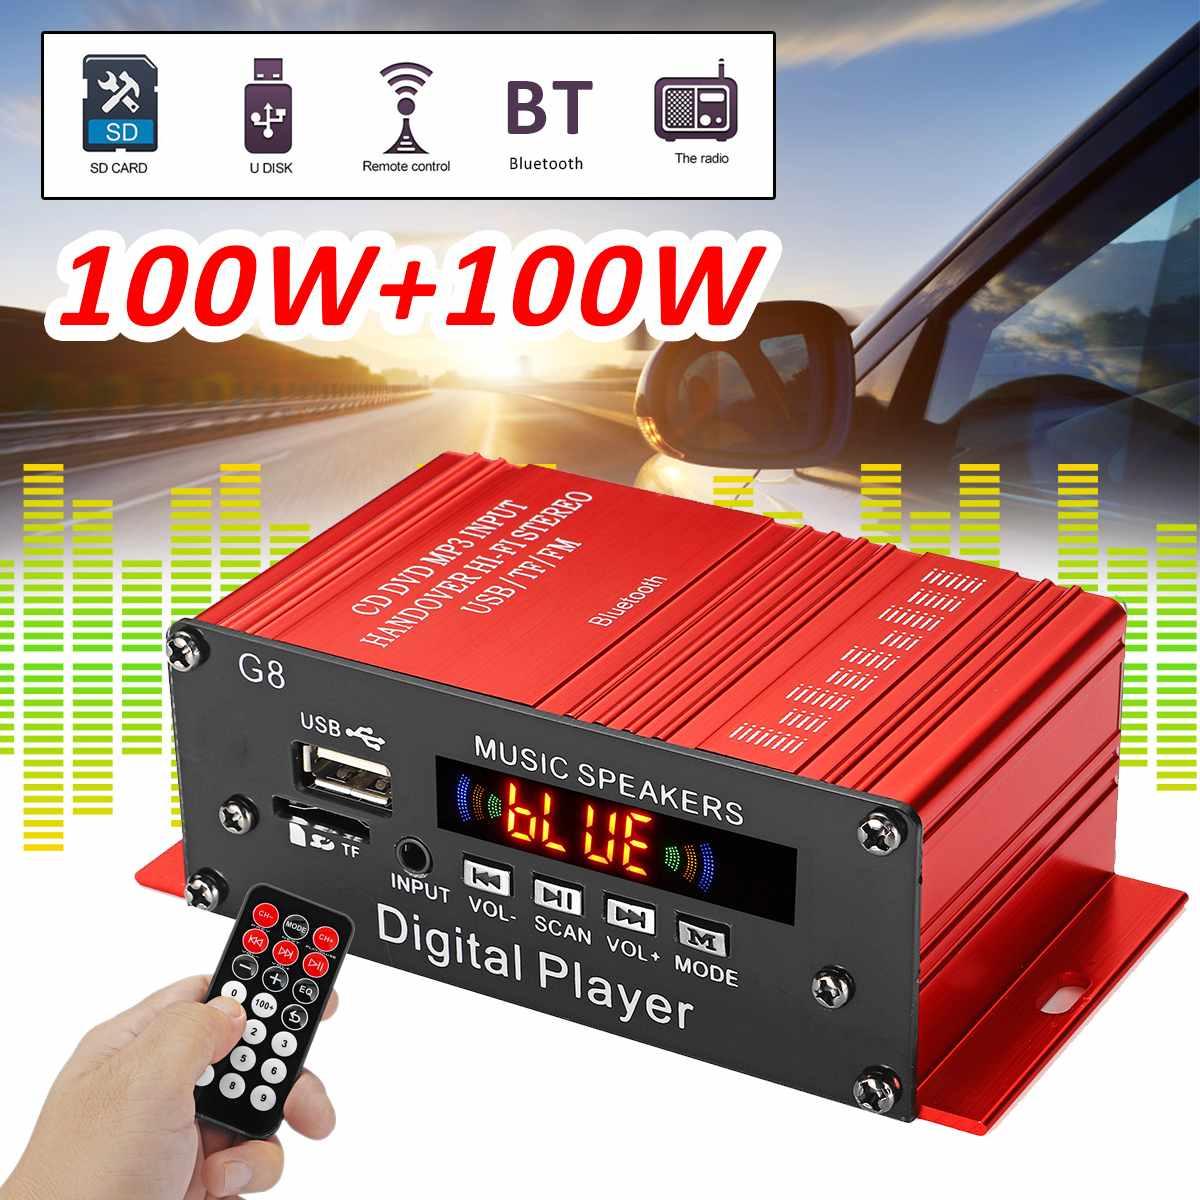 G8 200 W 12 V coche Amplificador HIFI Amplificador de potencia de Audio estéreo Bluetooth casa teatro amplificadores Radio FM 2CH USB /TF/AUX